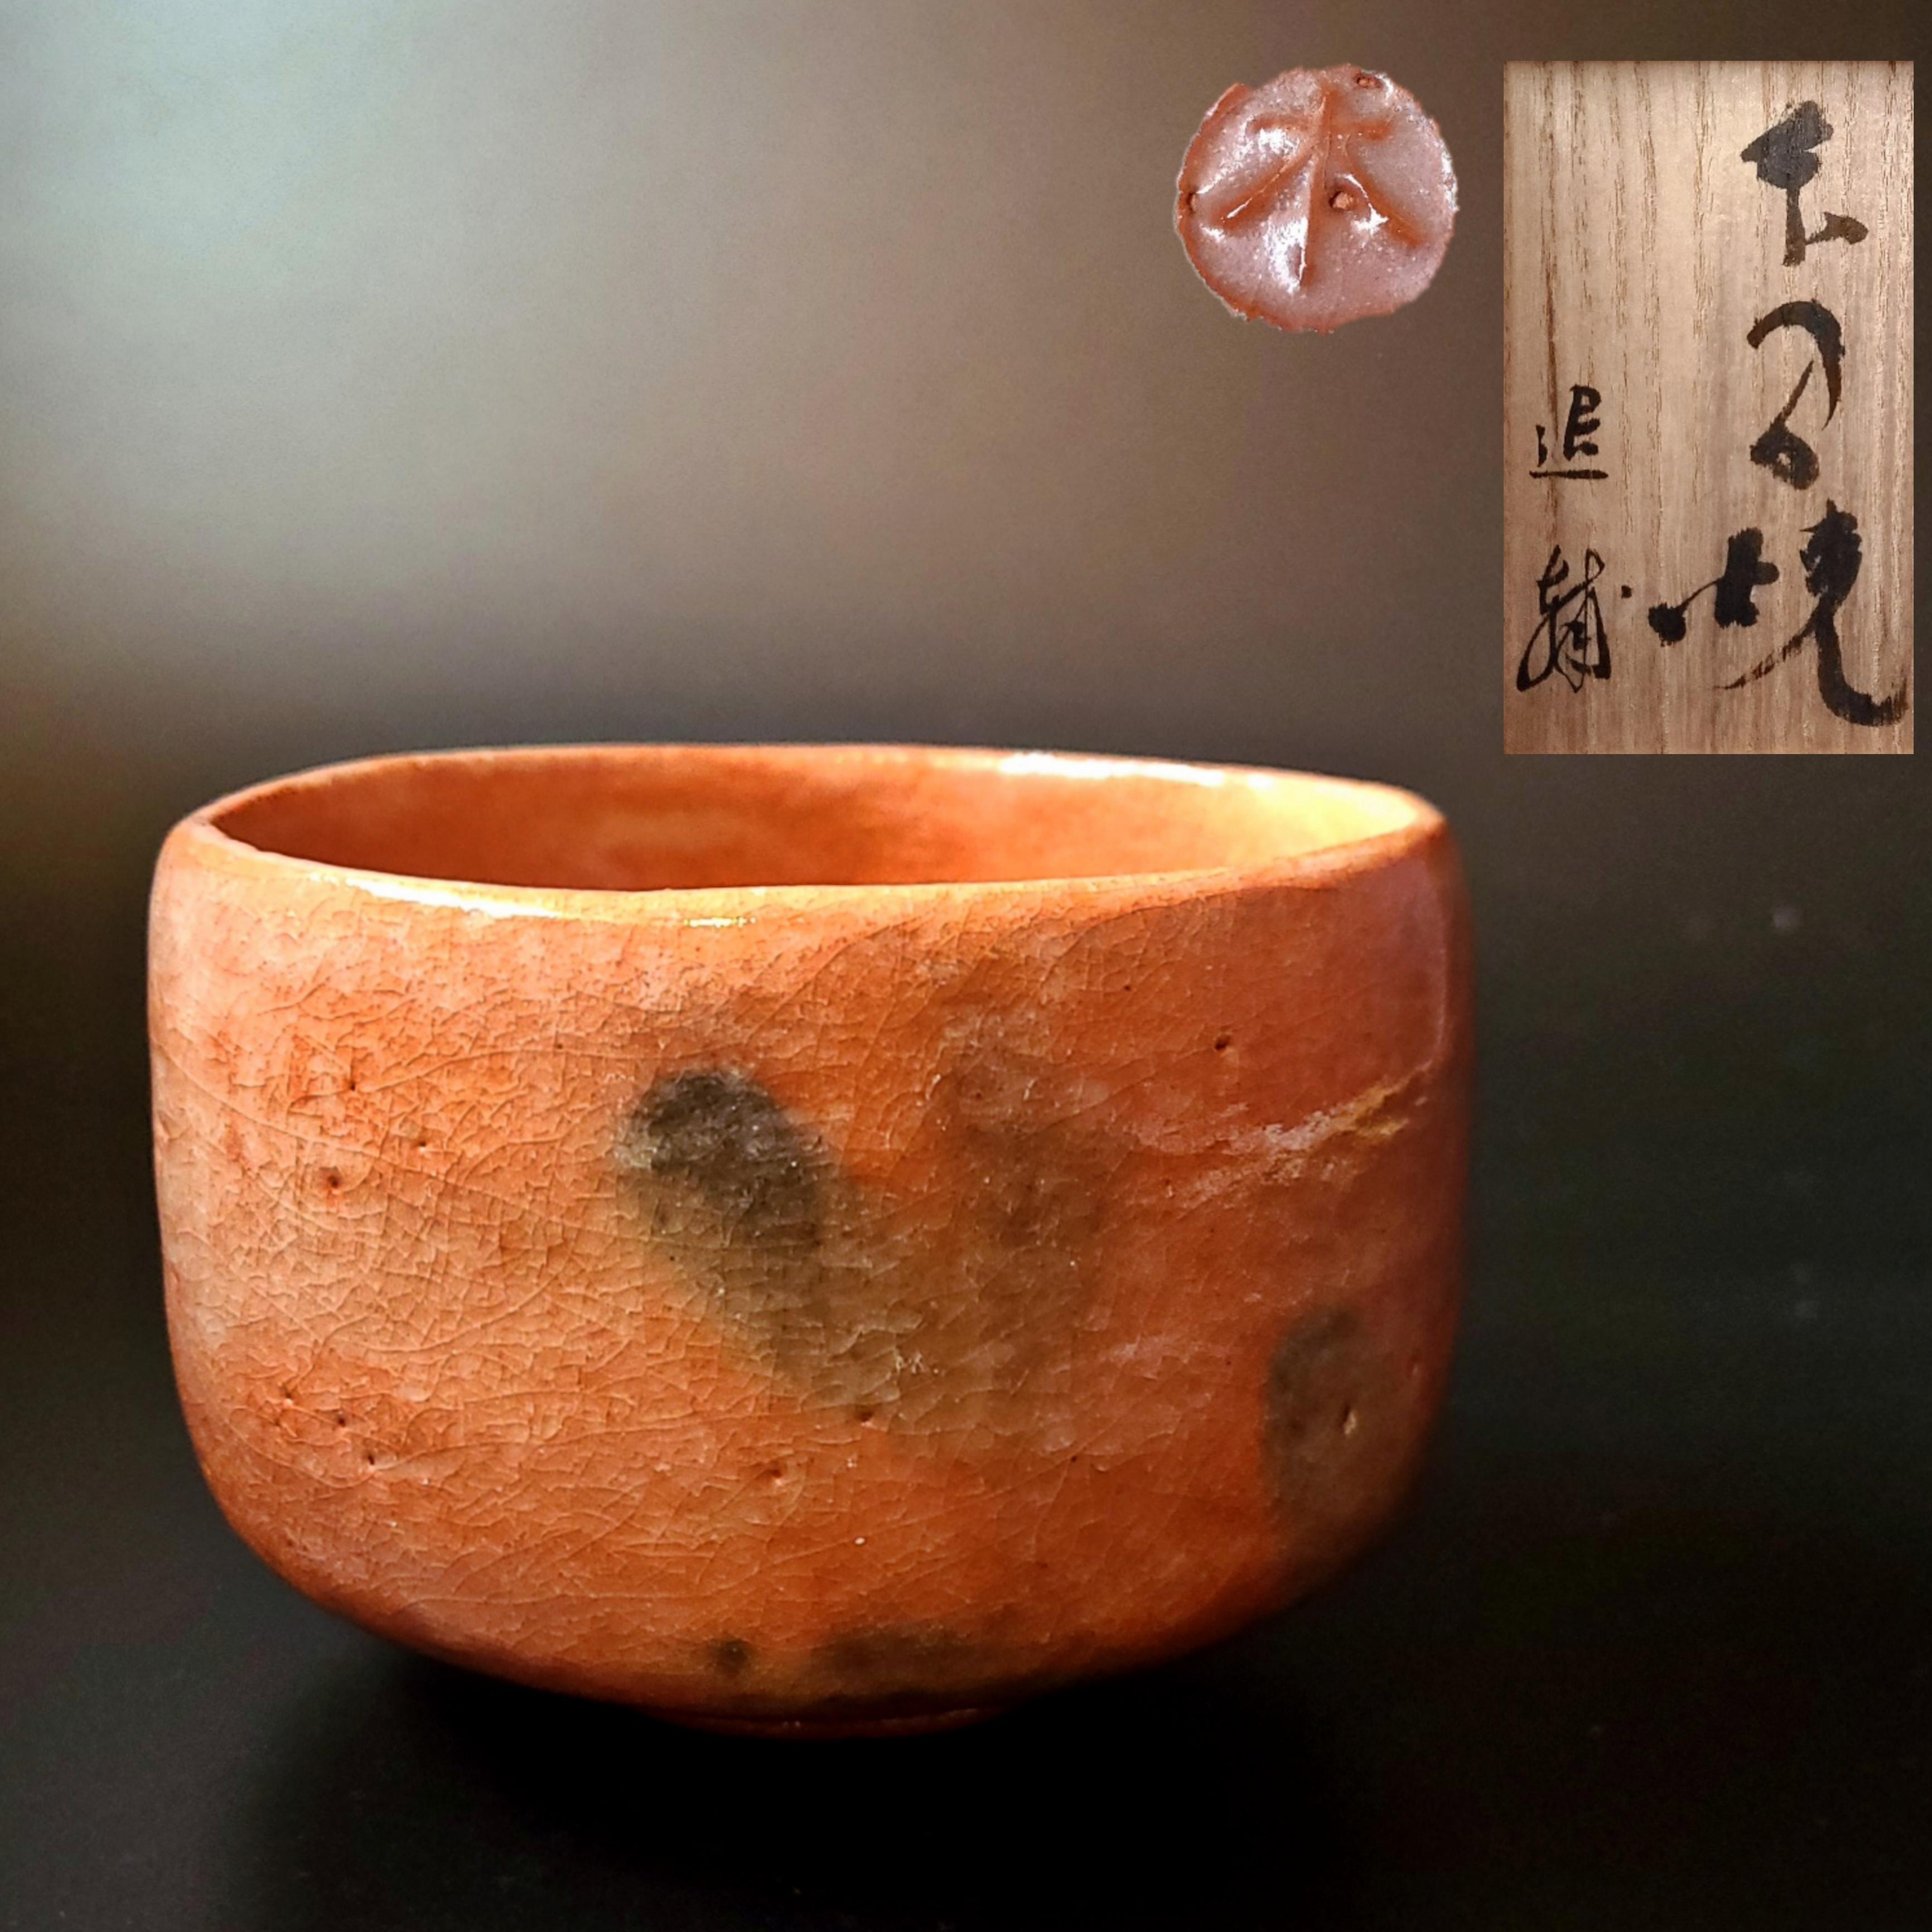 茶道具 山形酒田 本間焼 池田退輔 造 赤楽 茶碗 共箱 茶器 陶芸